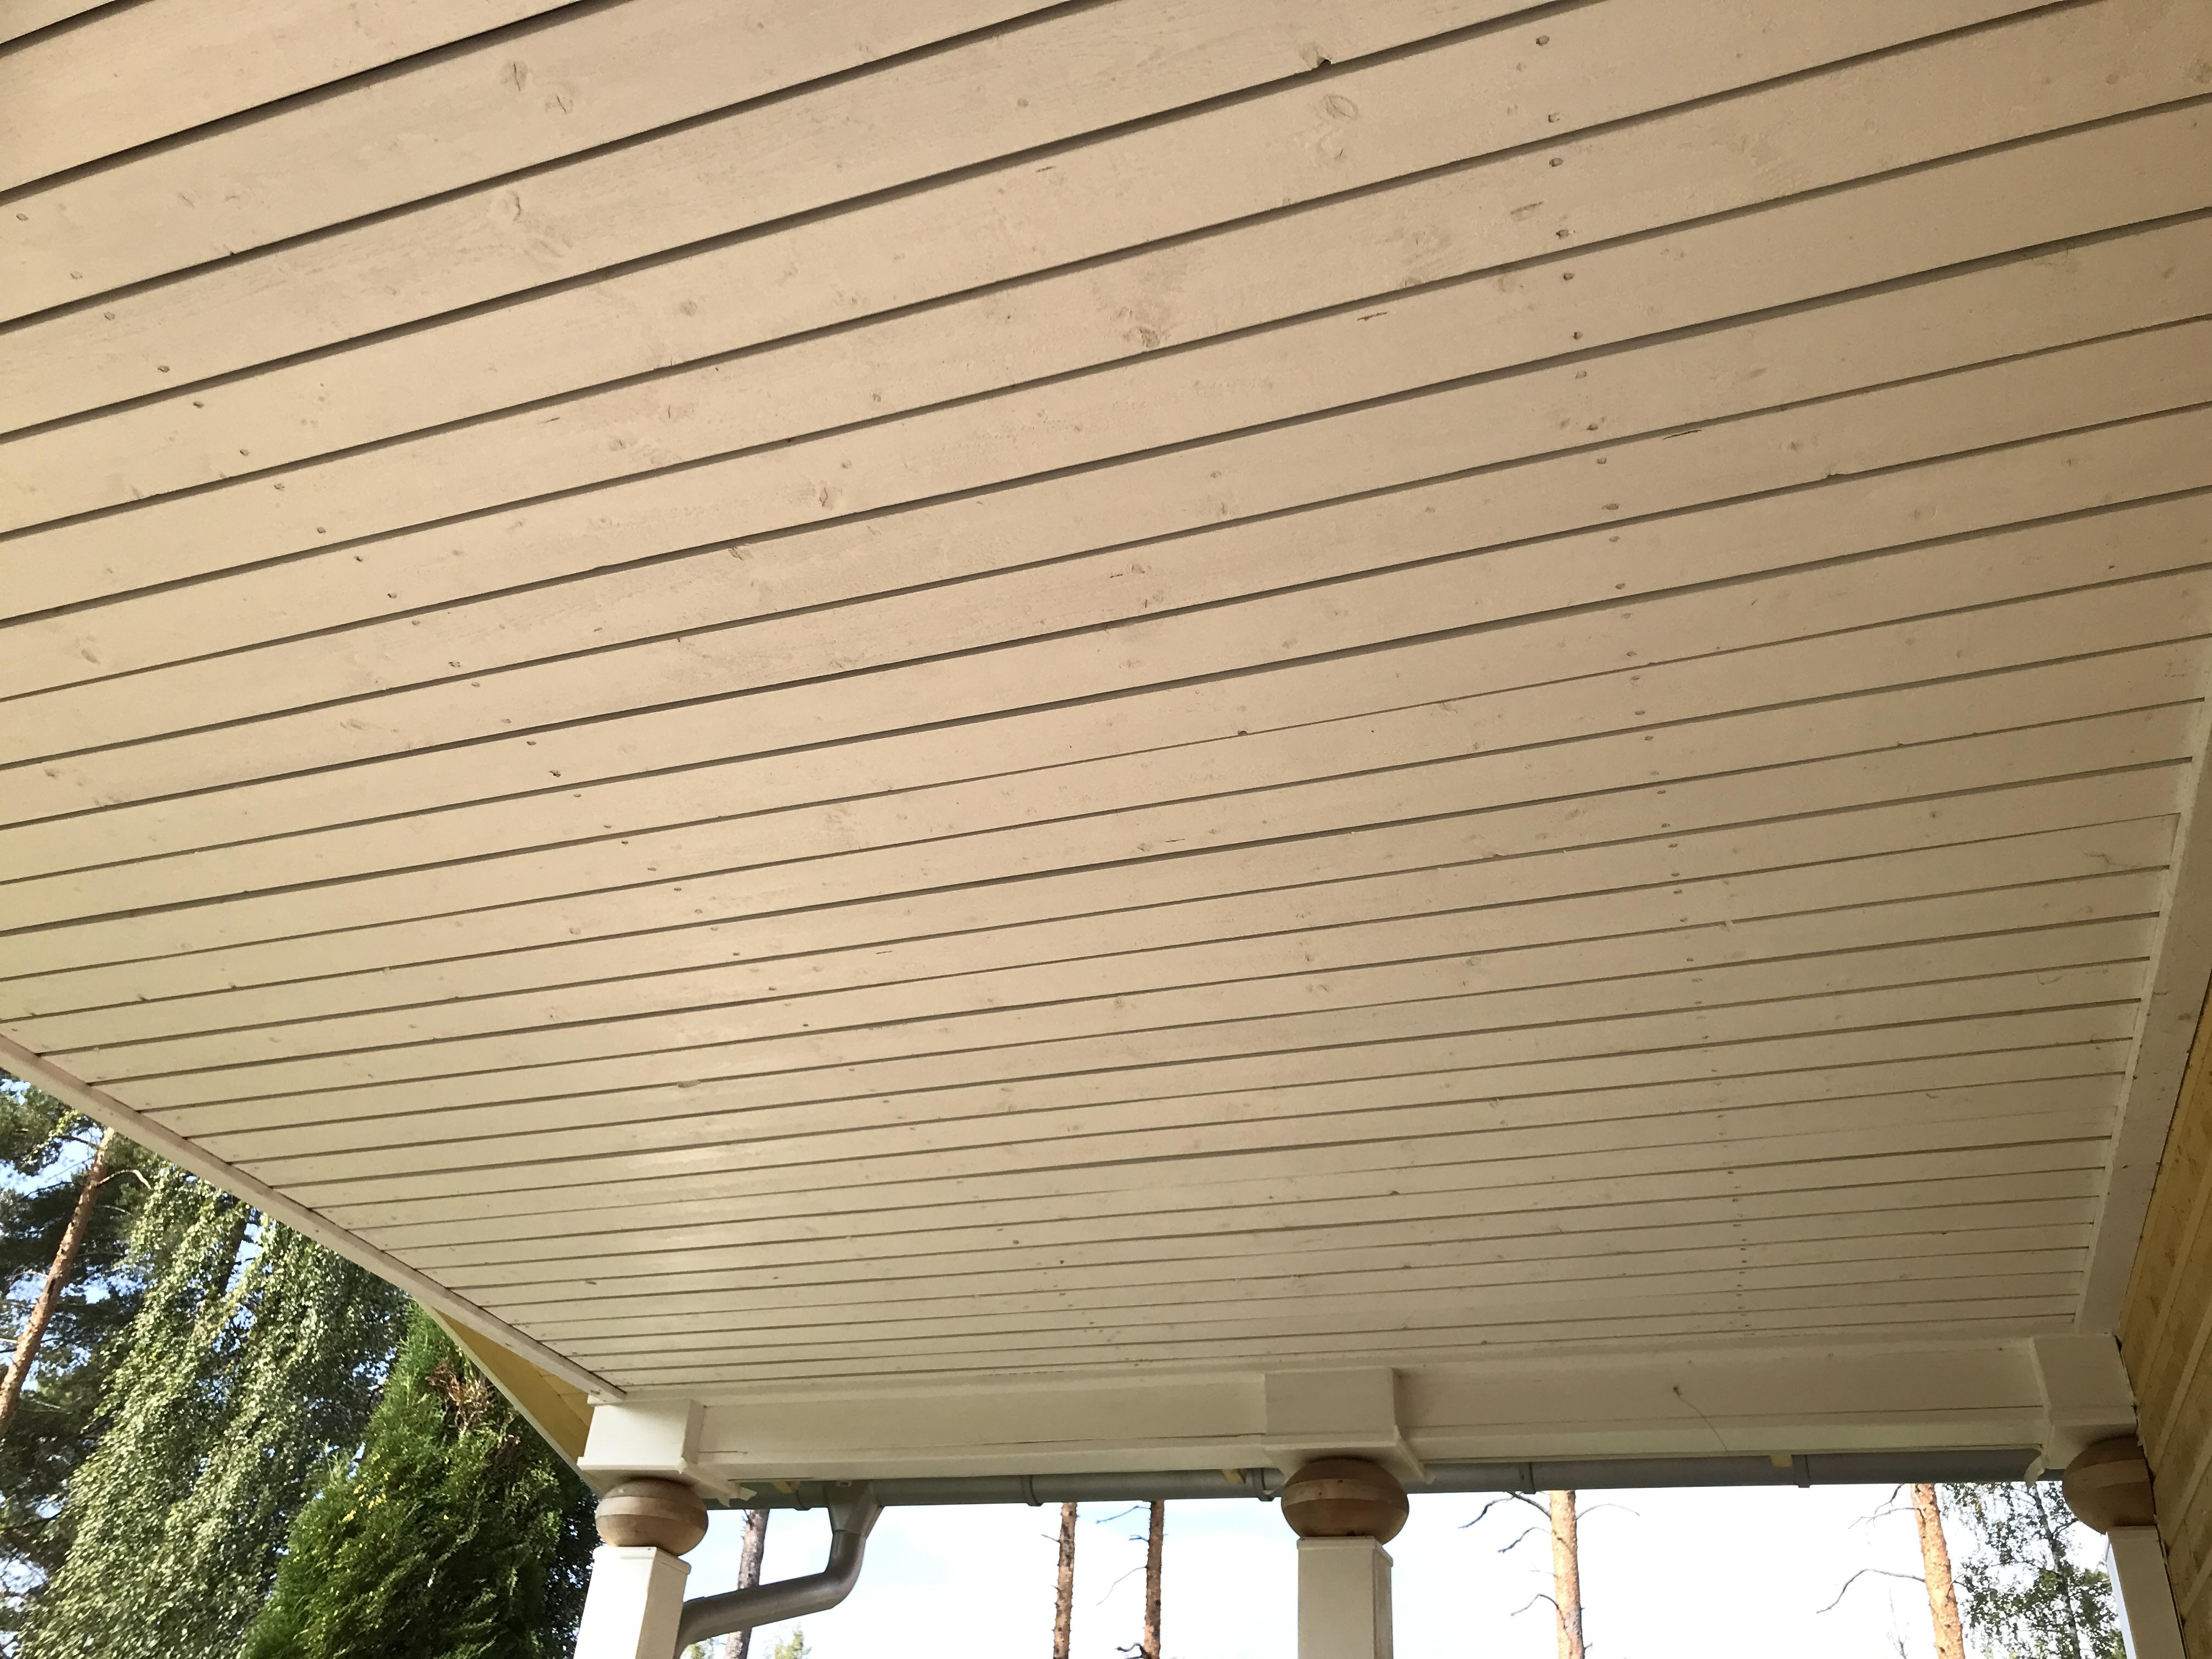 verandatak målat med tre lager vit slamfärg.